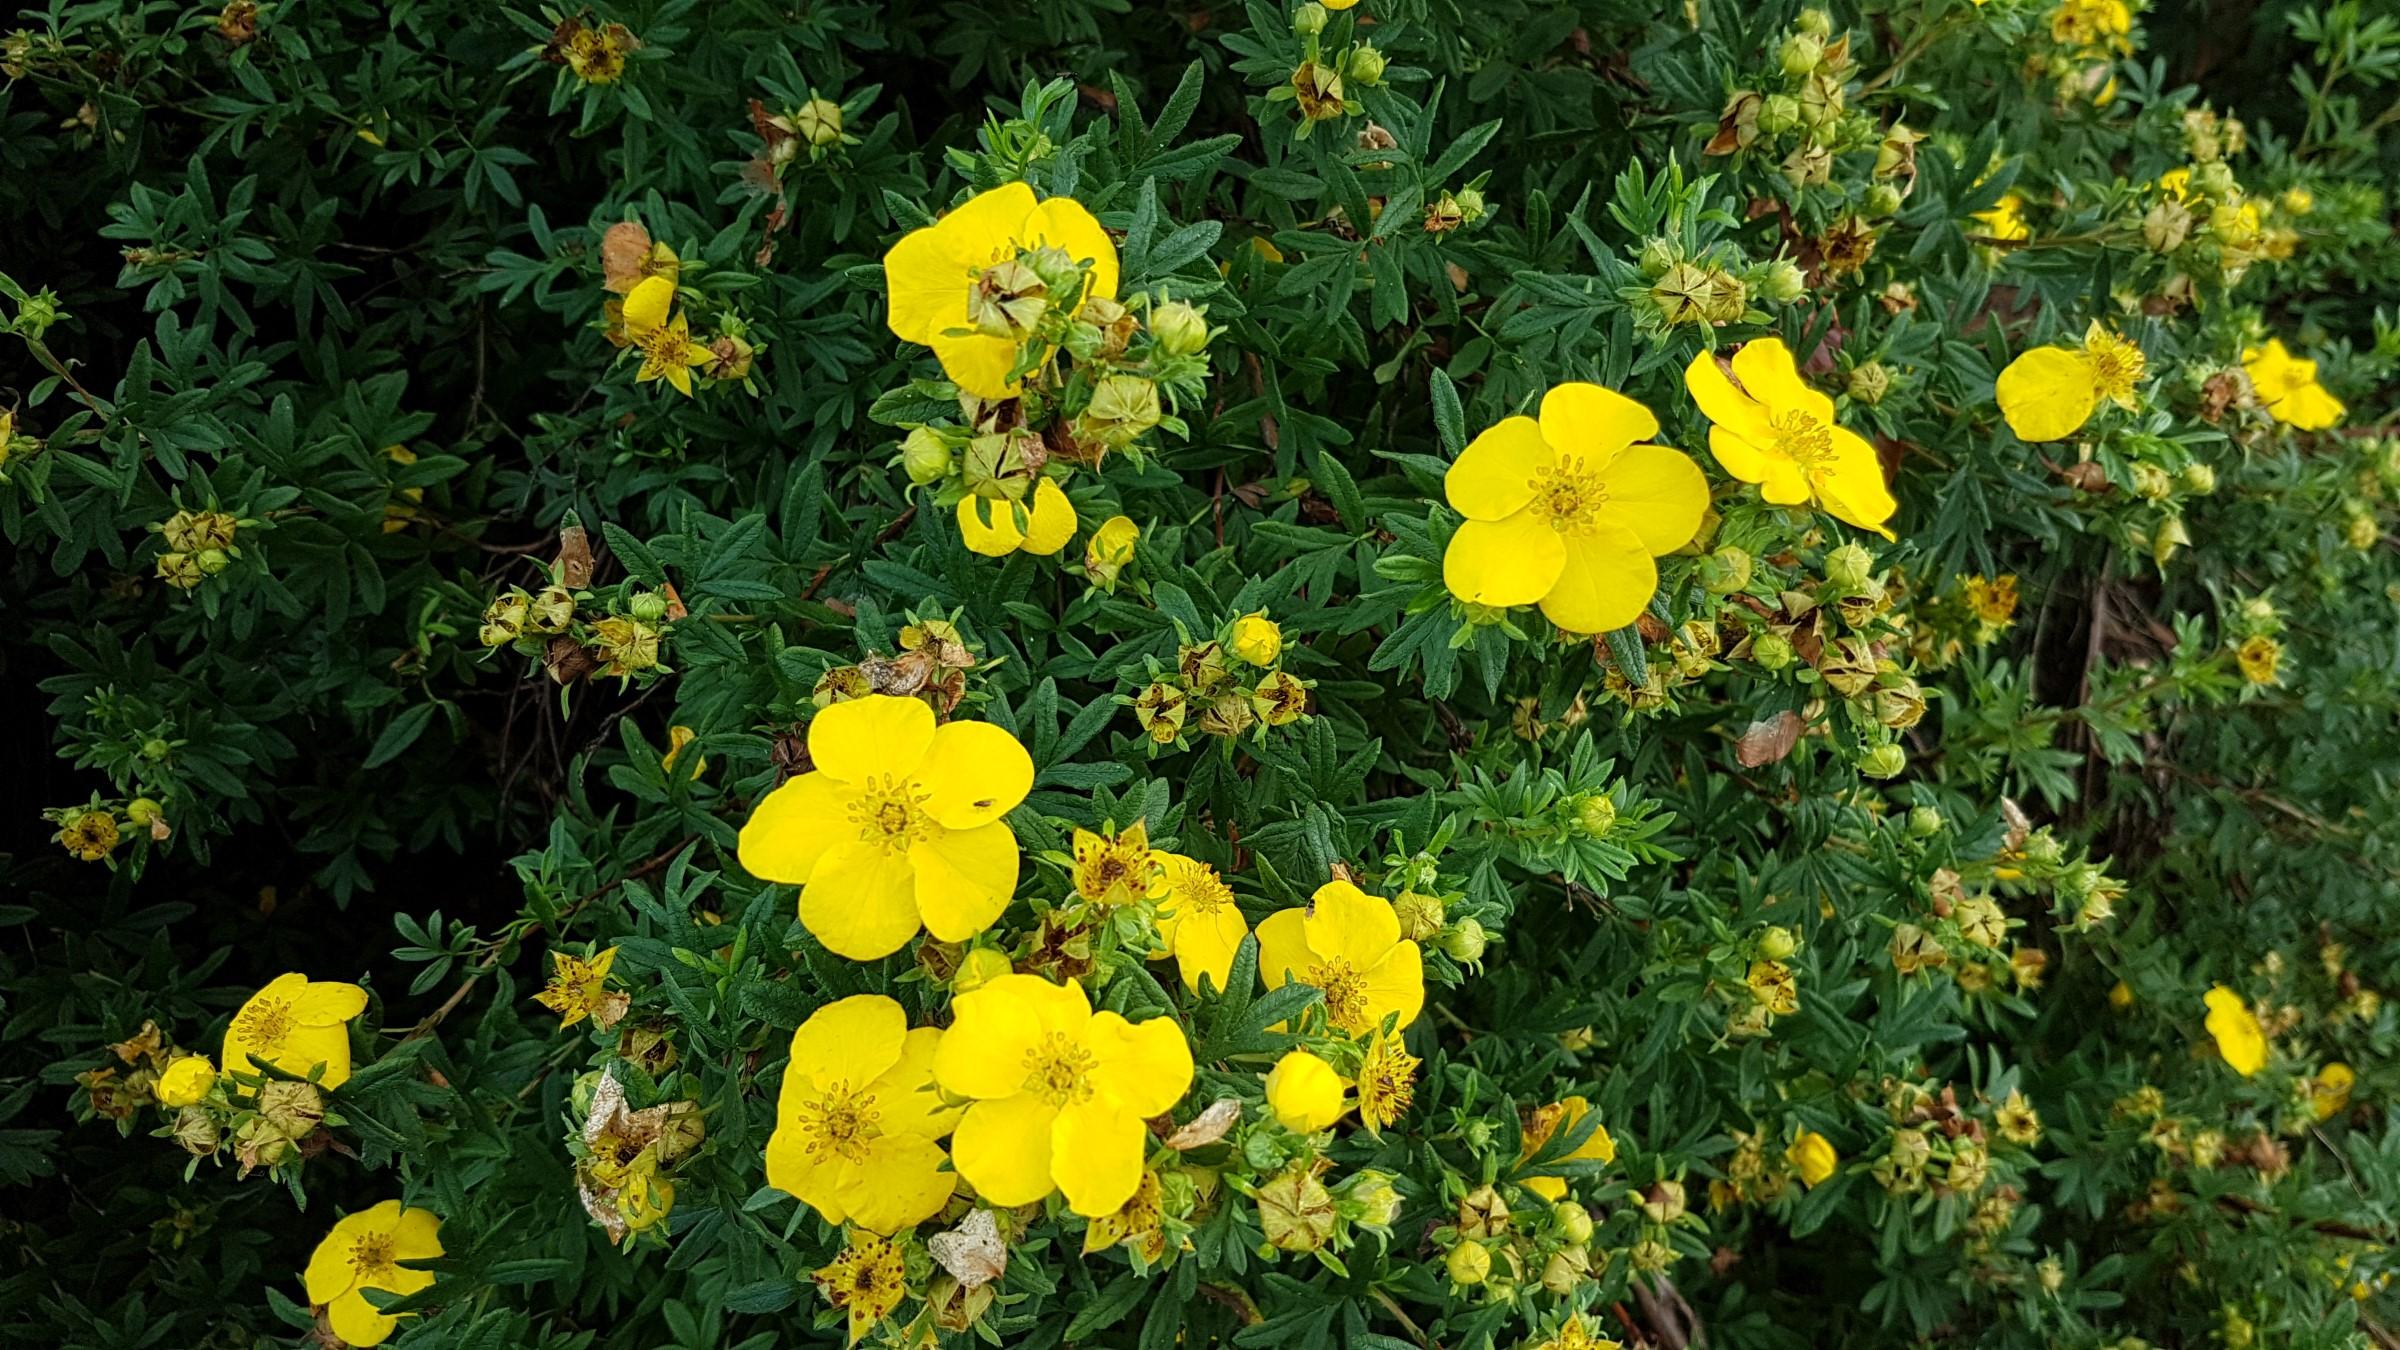 Små, grønne blader med enkle gule kronblader.